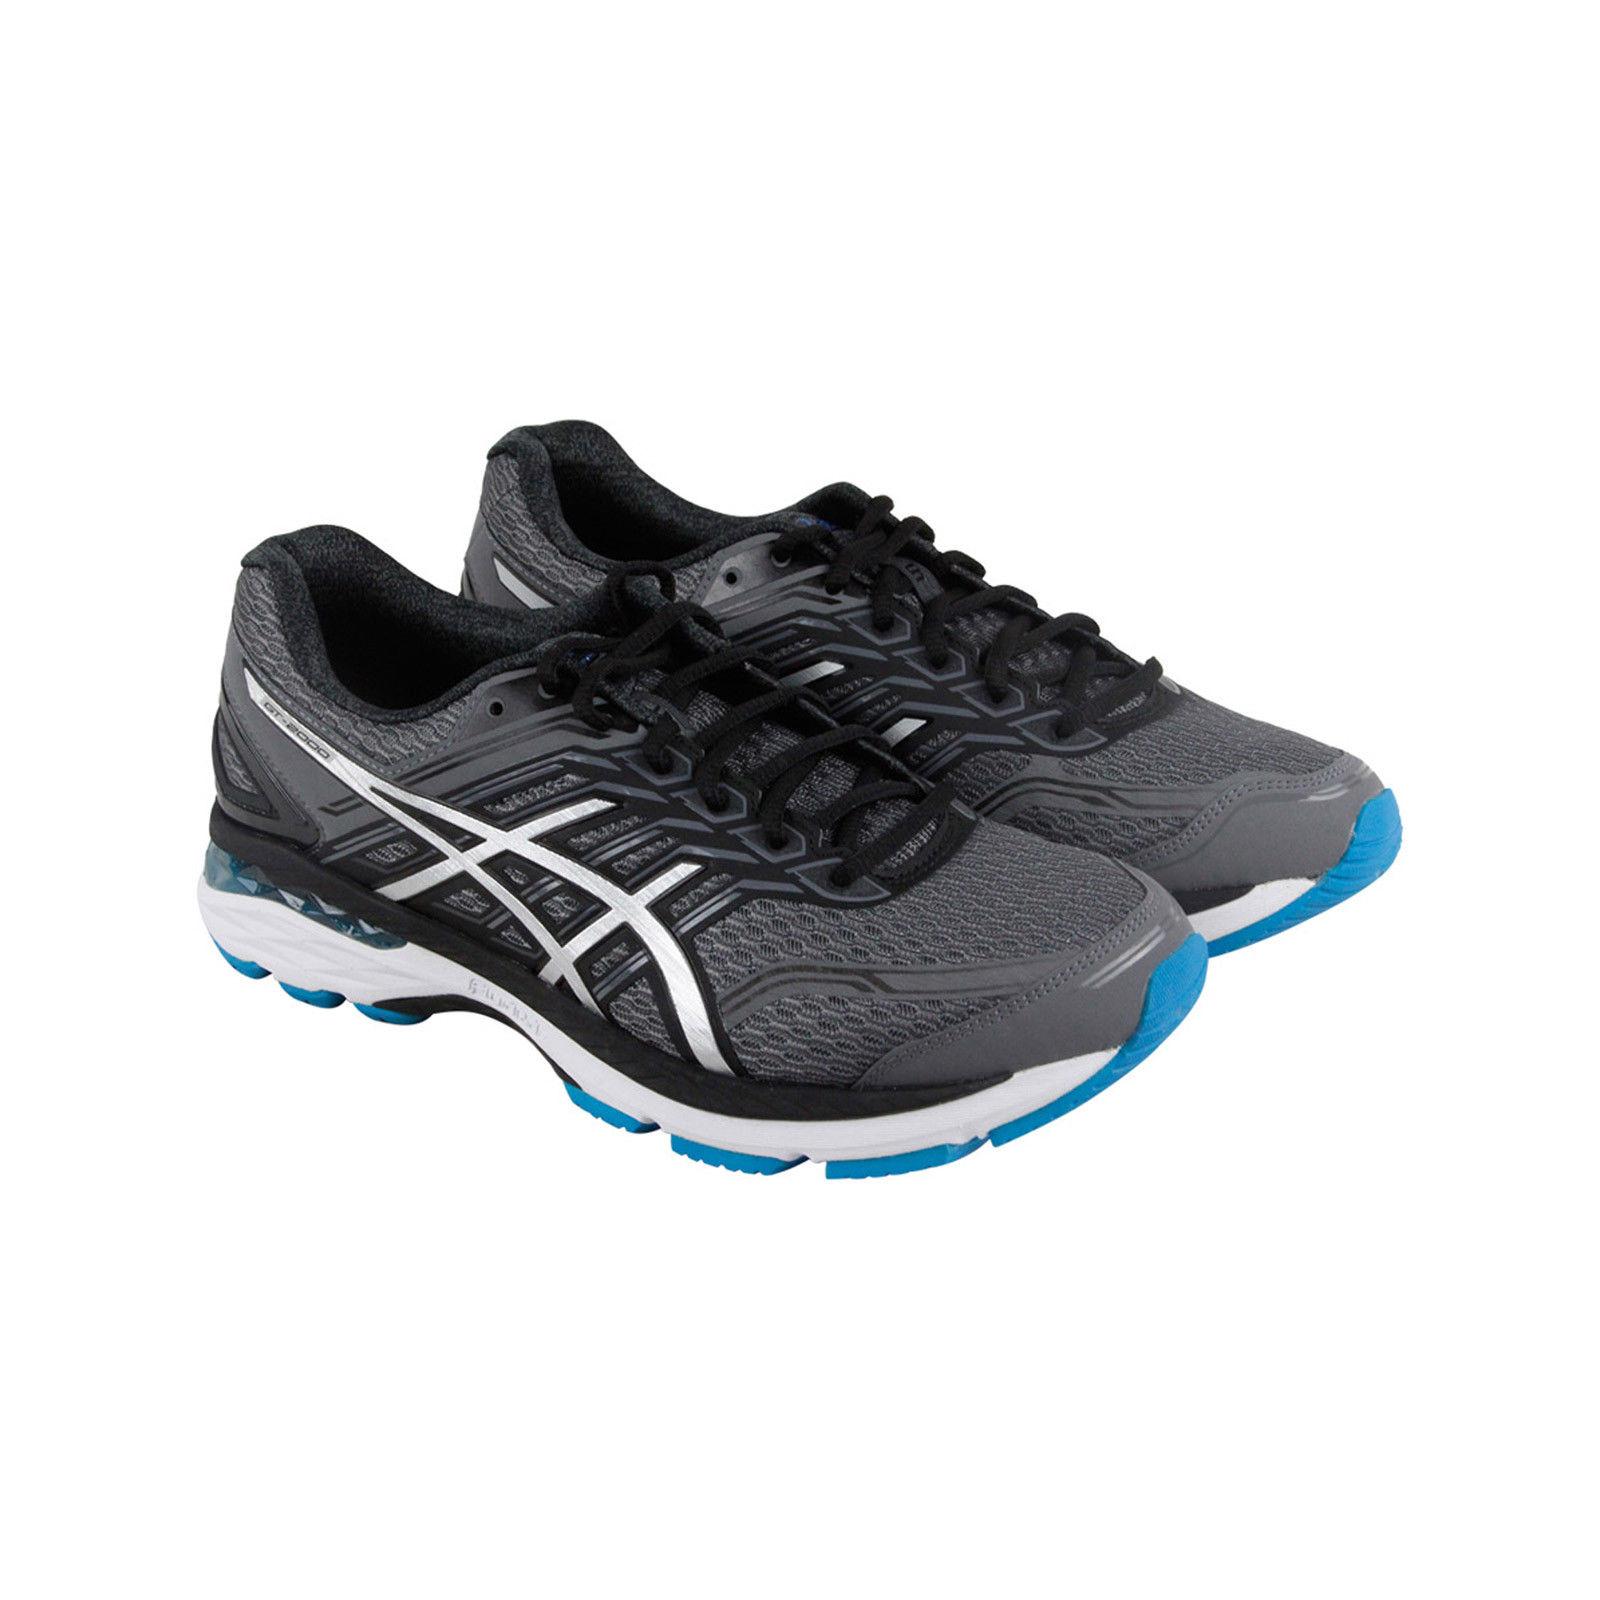 Chaussures de running Asics Gt 2000 5 M